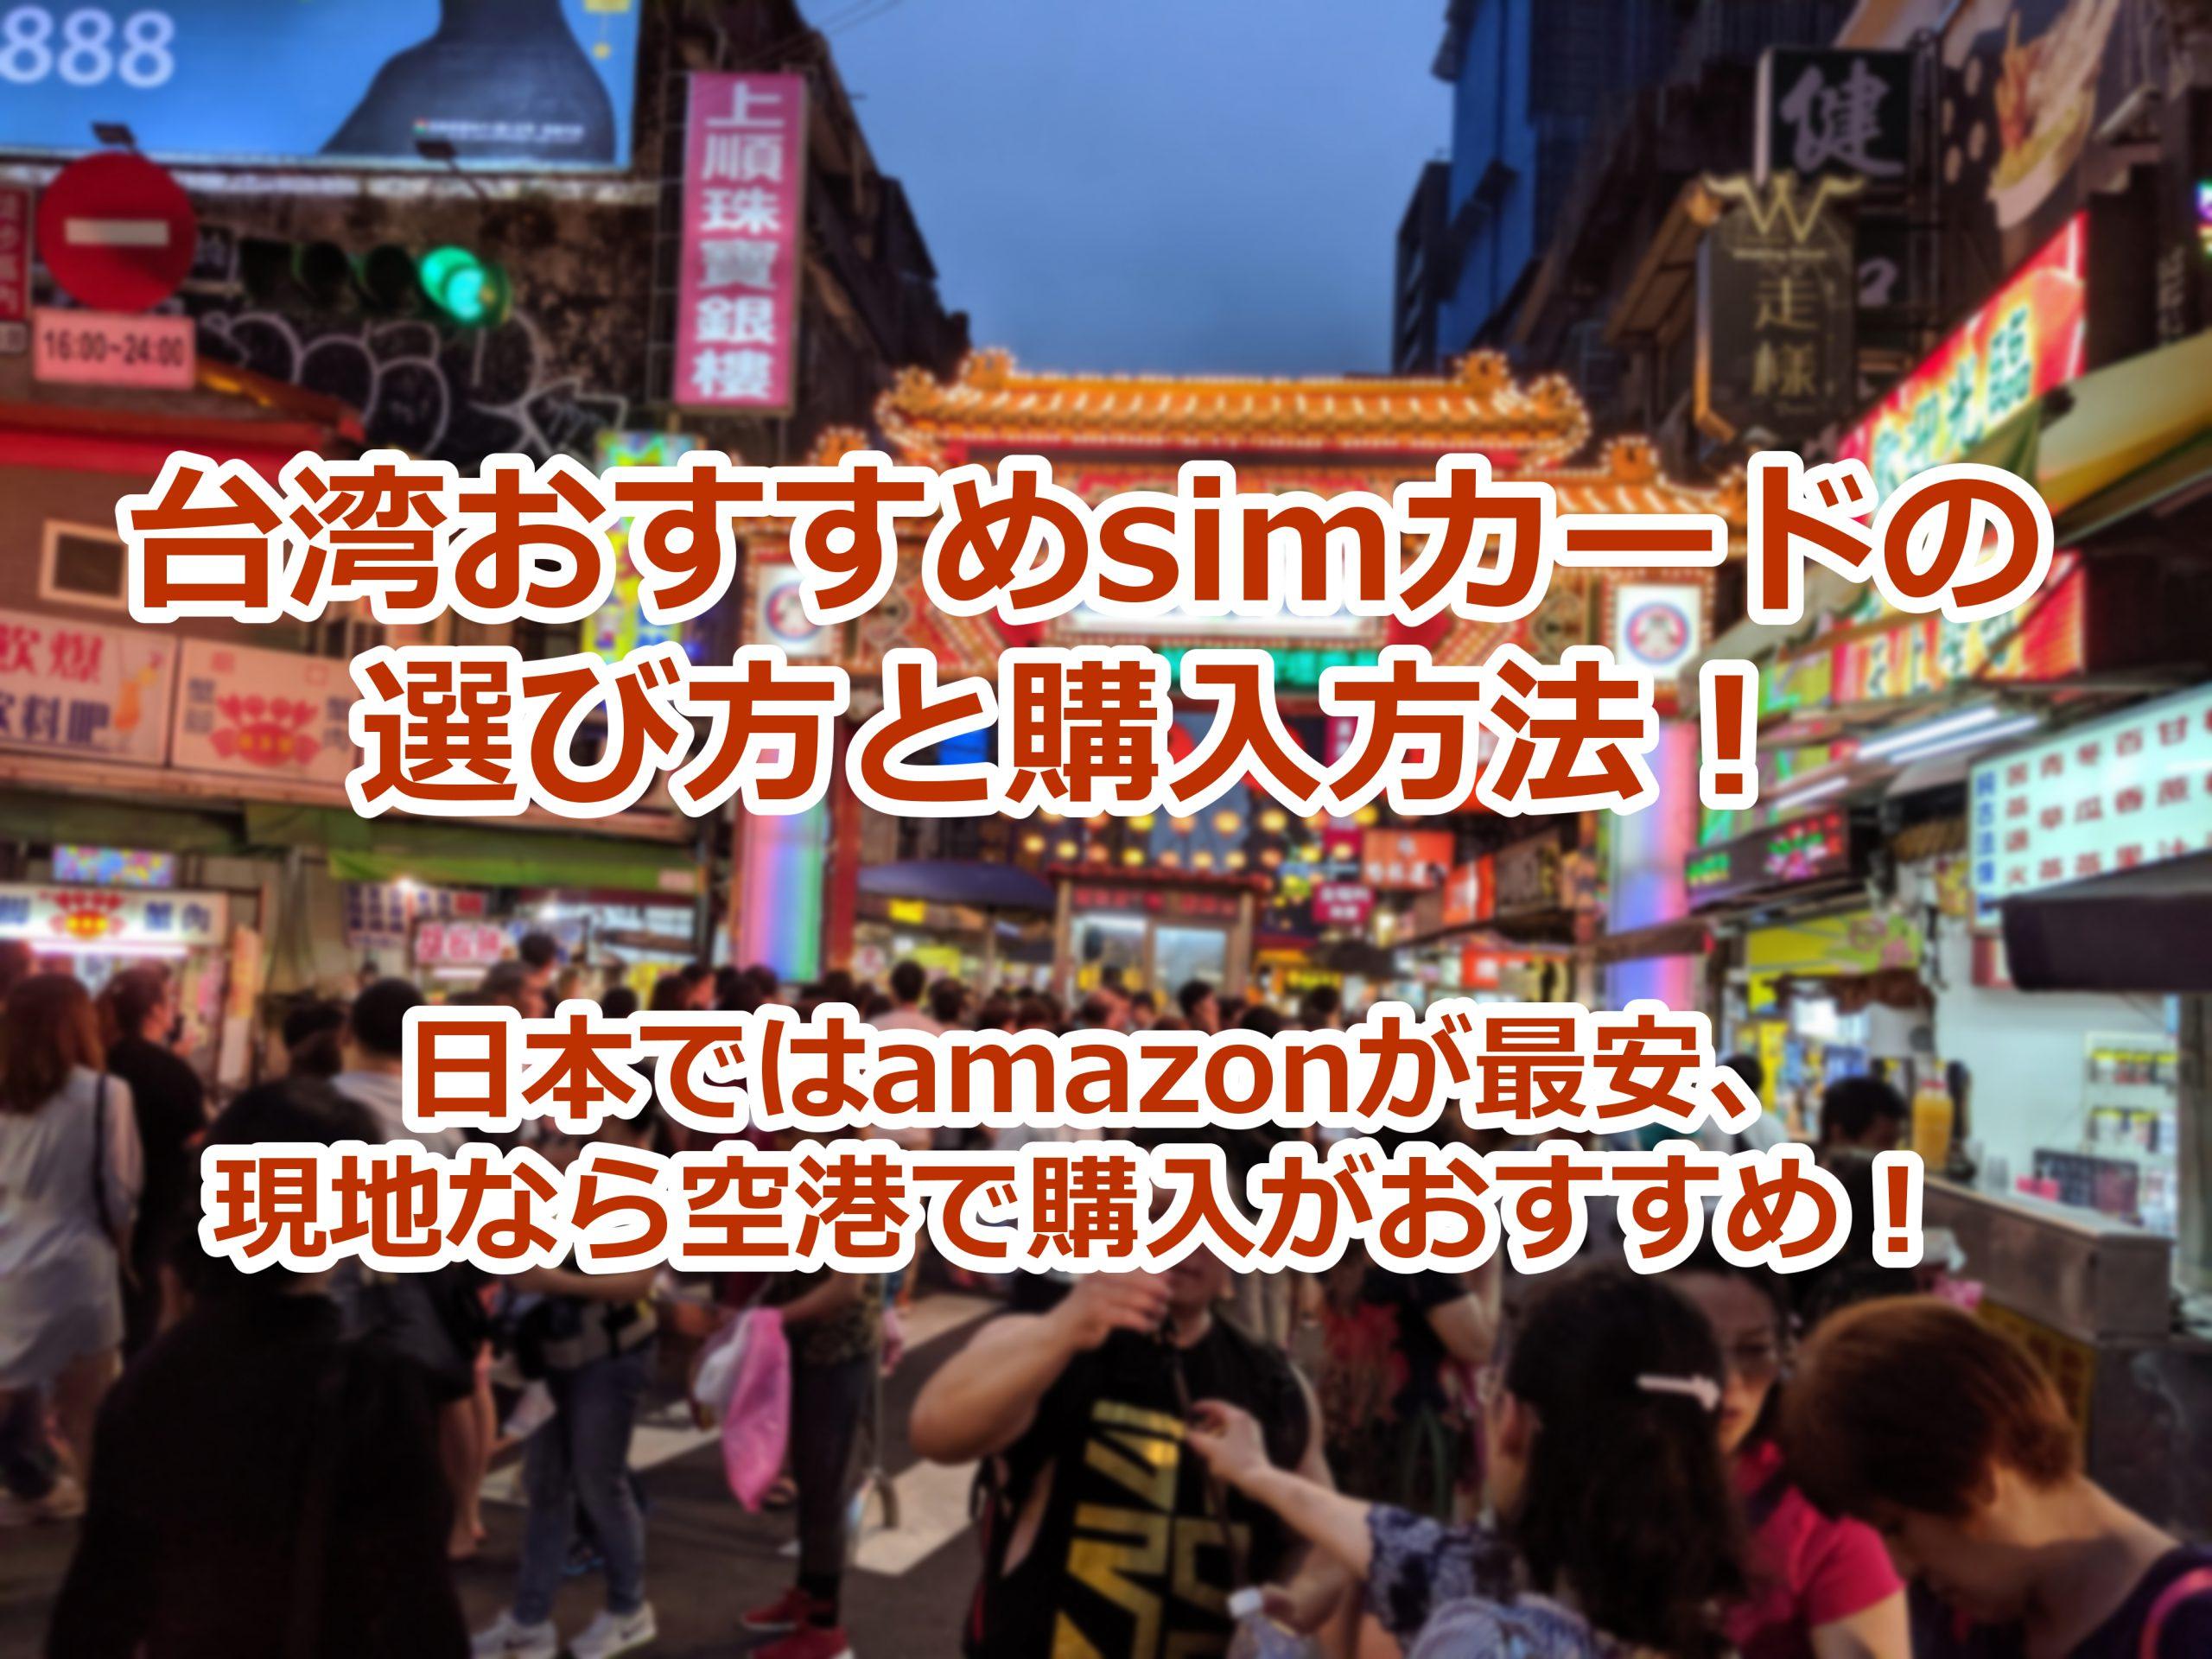 台湾おすすめsimカードの 選び方と購入方法! 日本ではamazonが最安、 現地なら空港で購入がおすすめ!